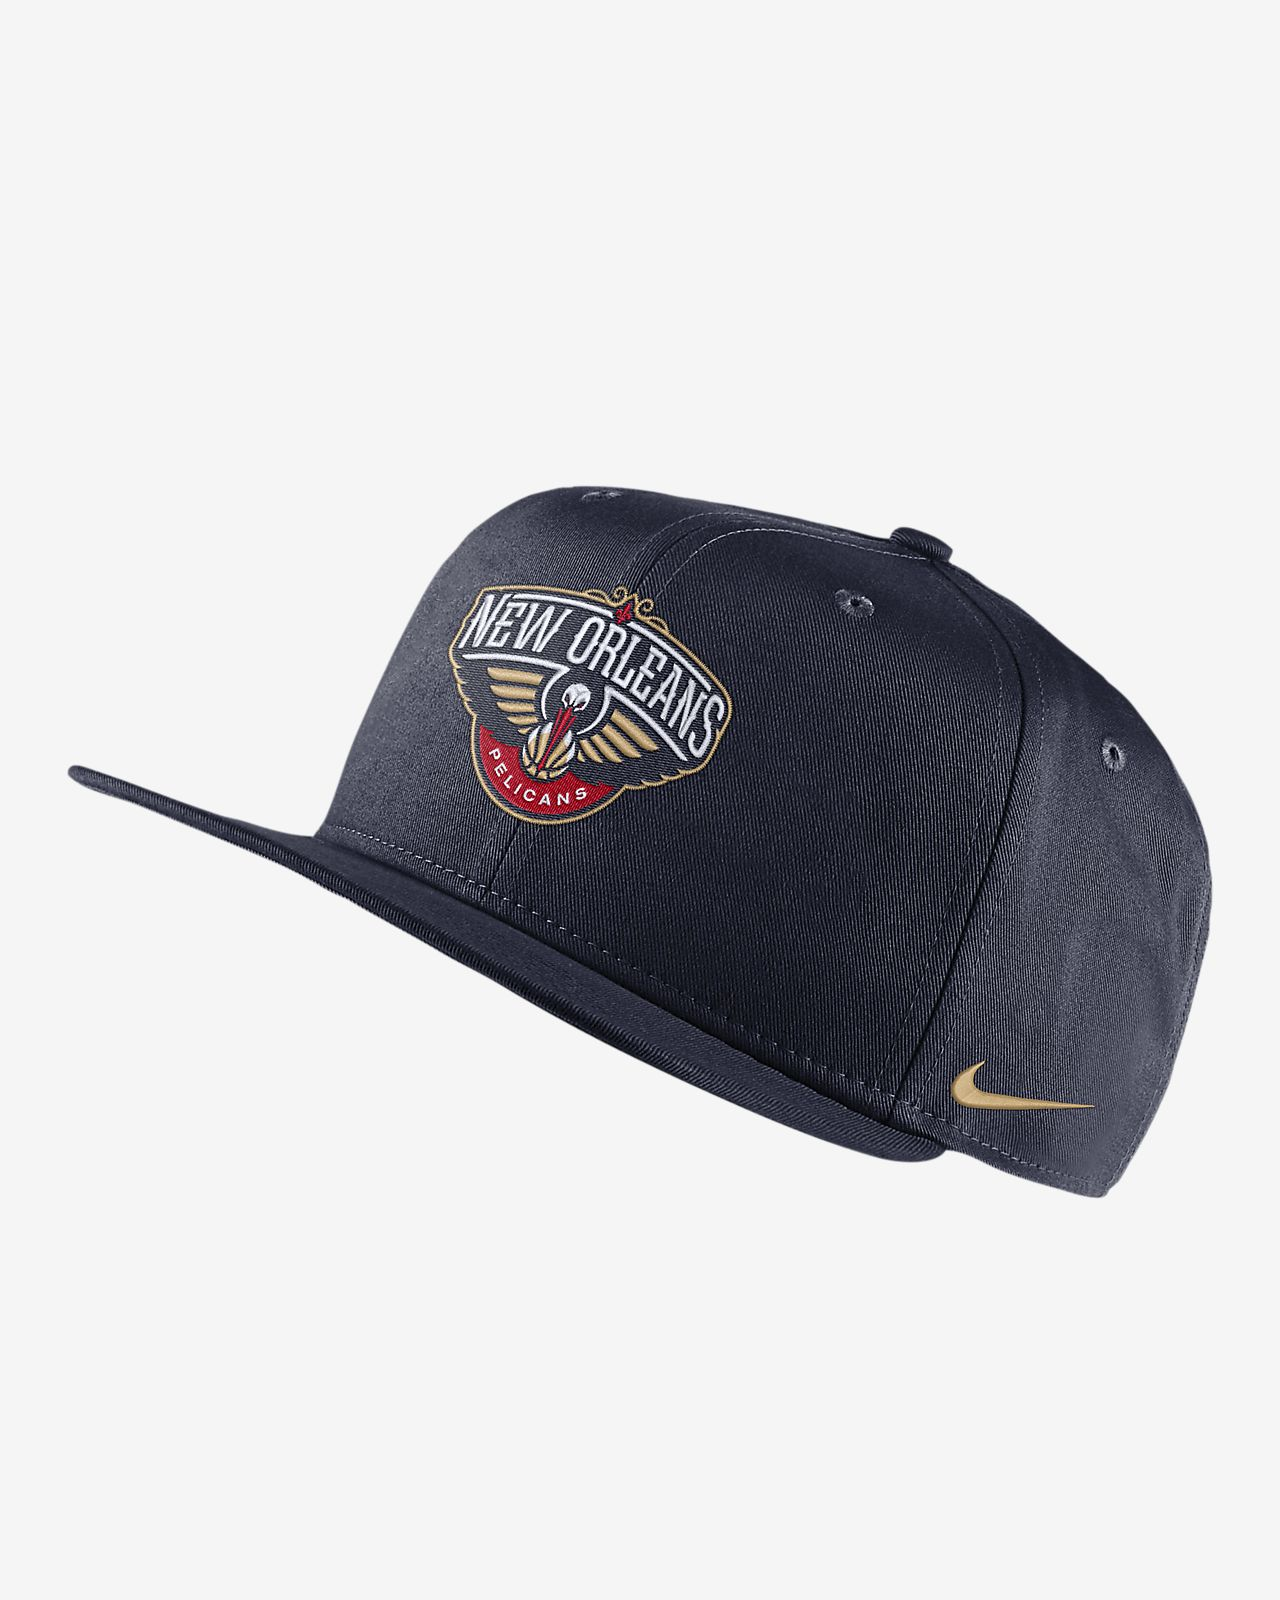 New Orleans Pelicans Nike Pro NBA-Cap